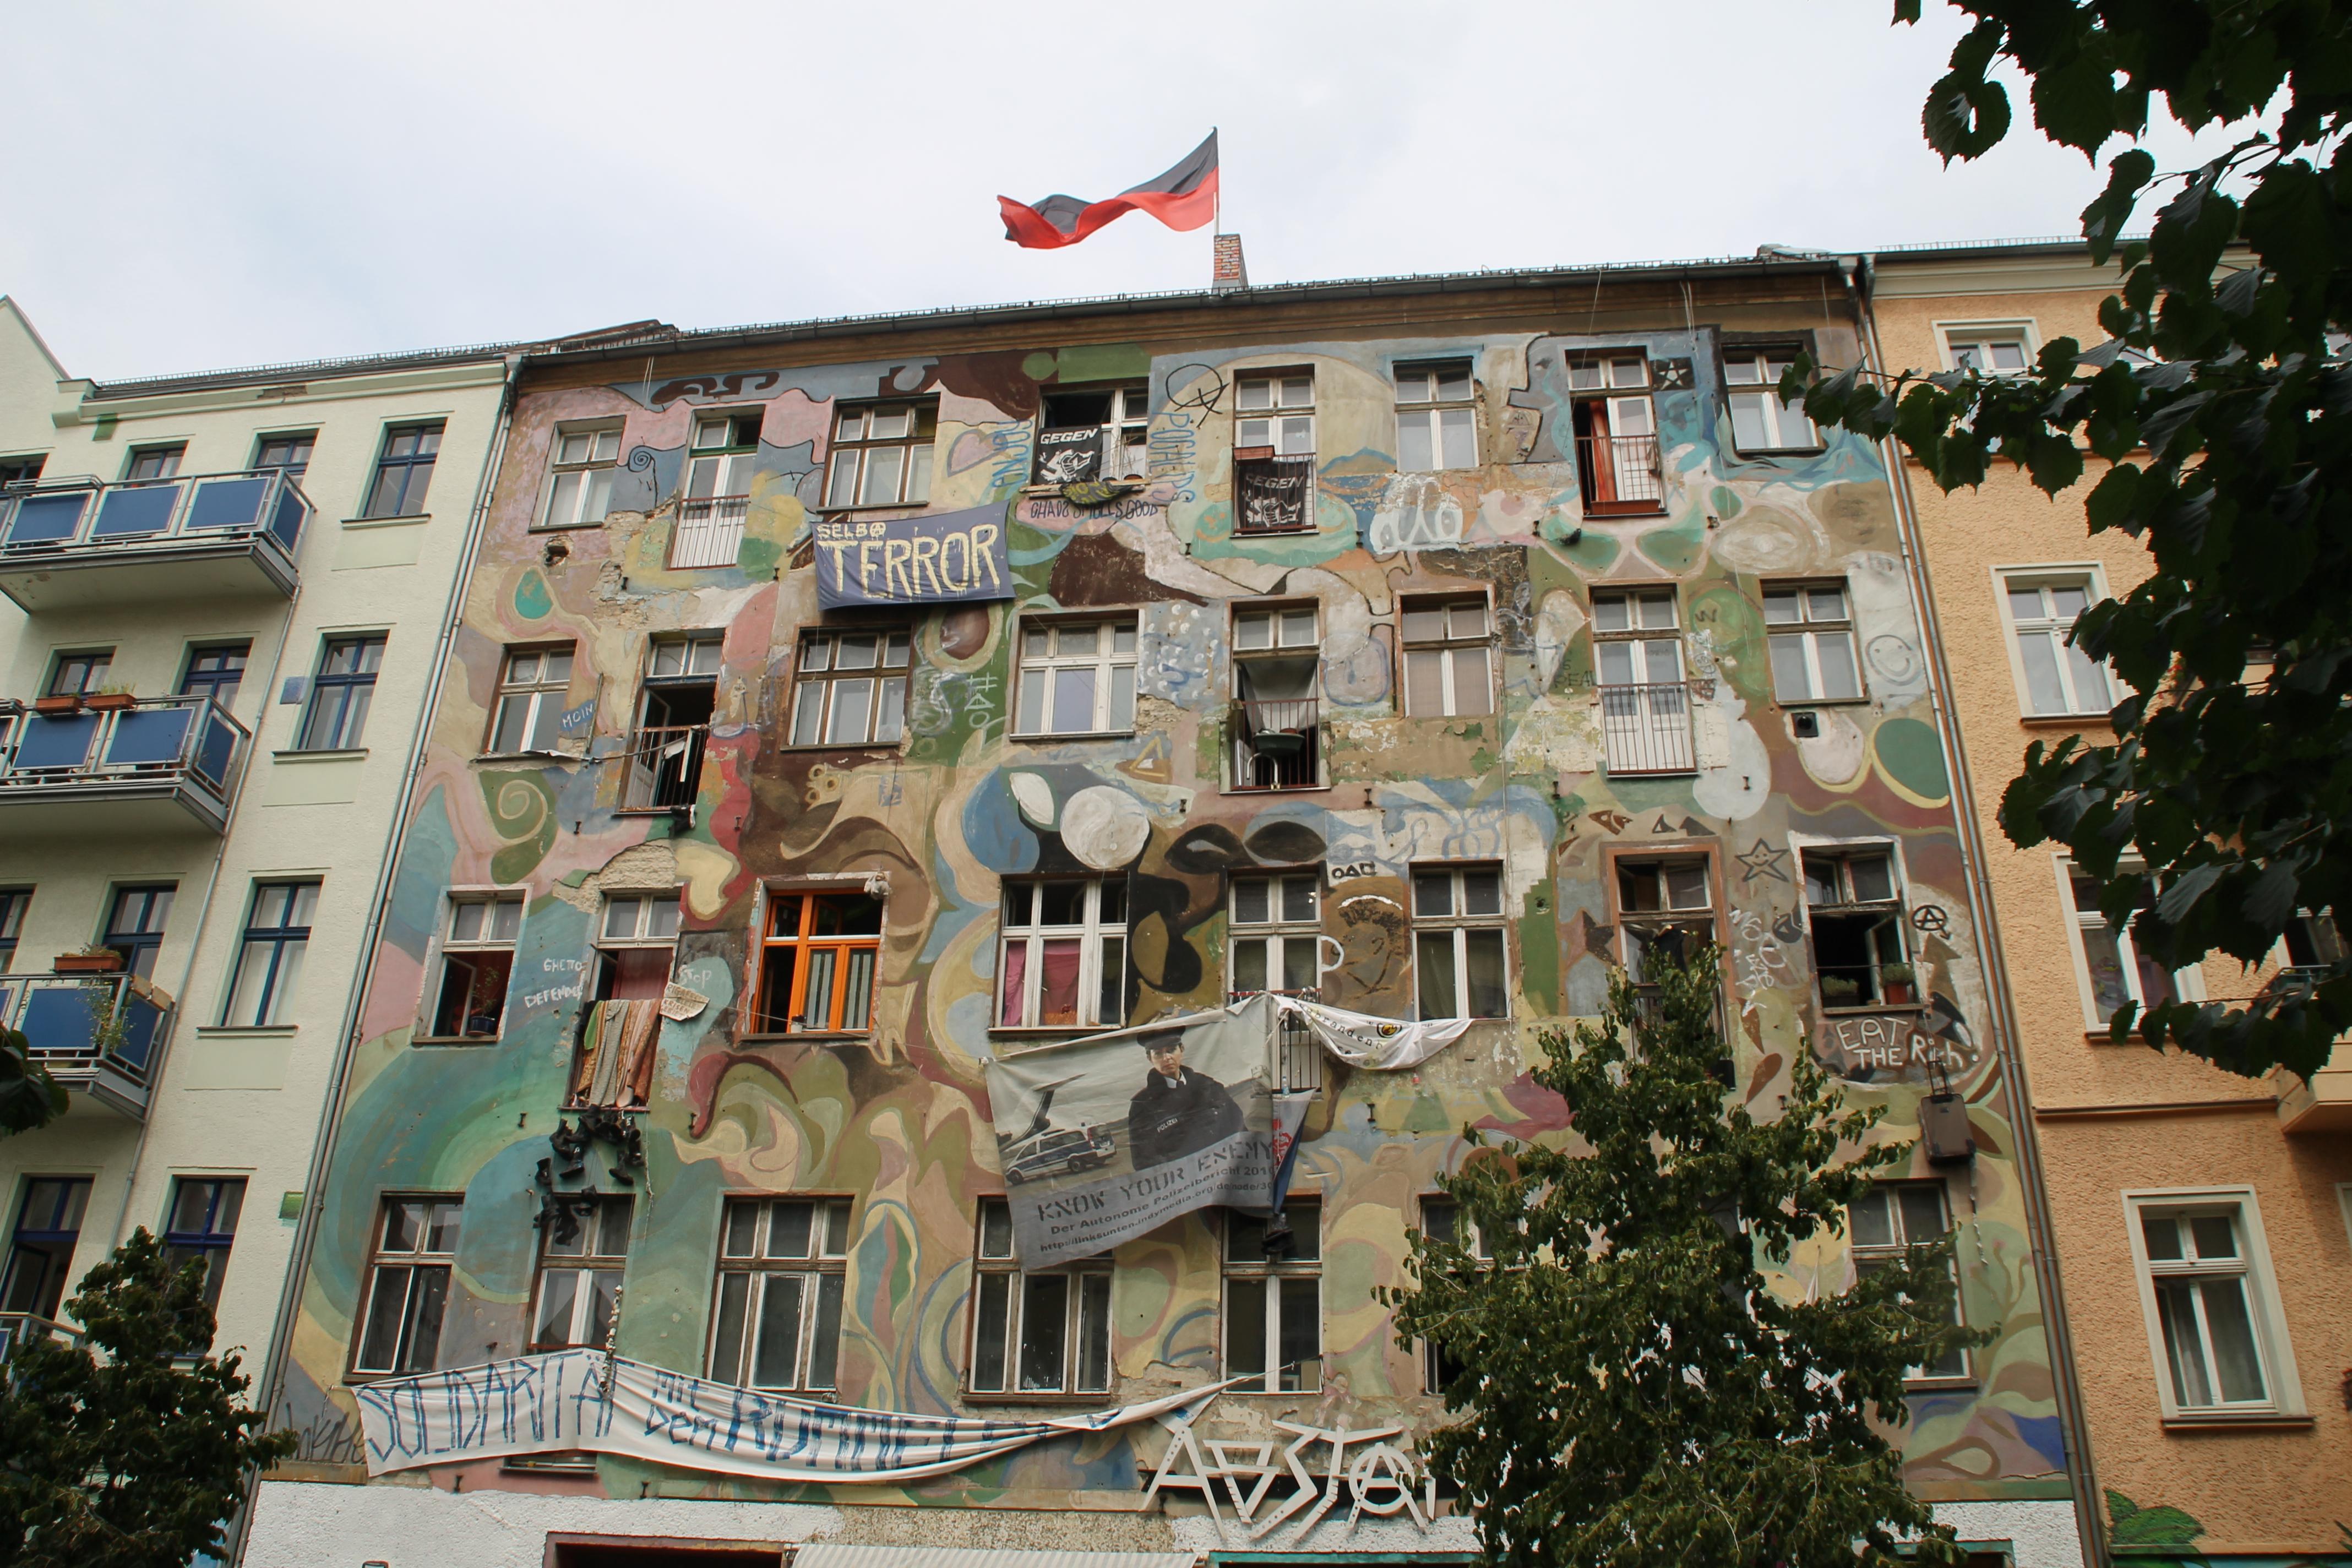 Edifici tunejat a la Rigaer Strasse. Bandera negra i rotja a la teulada